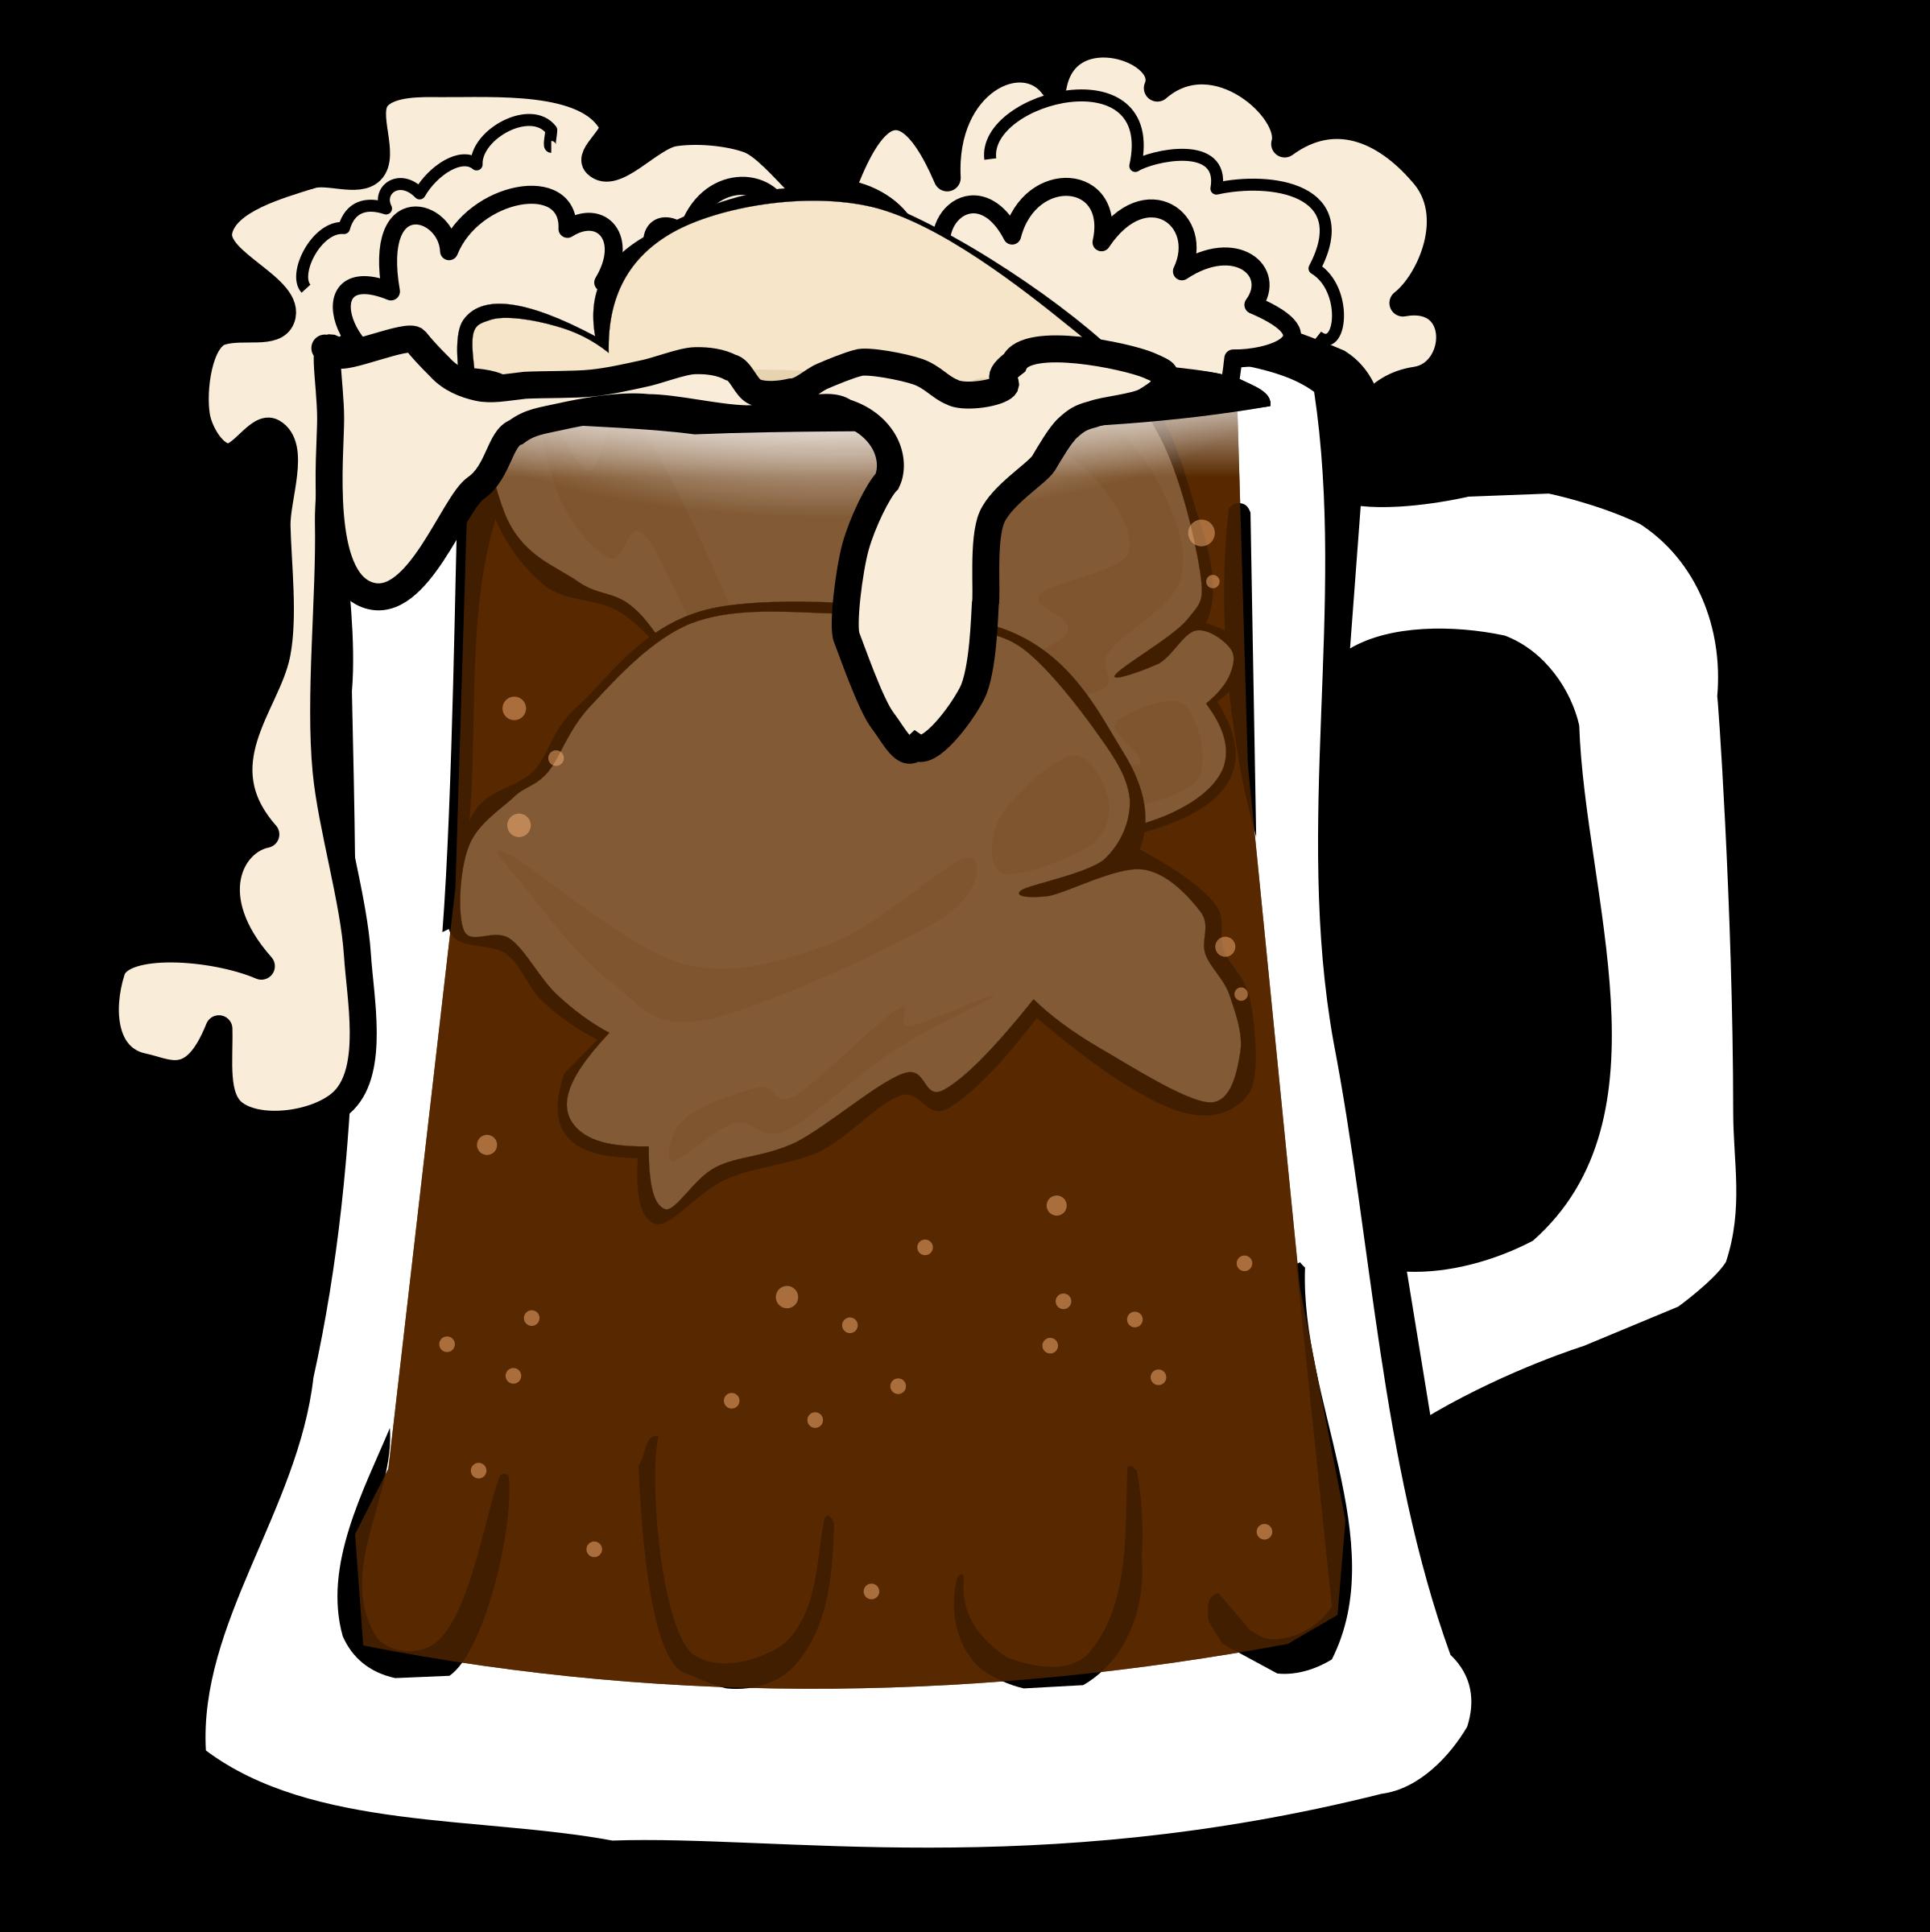 Root beer float icons. Taste clipart disgust